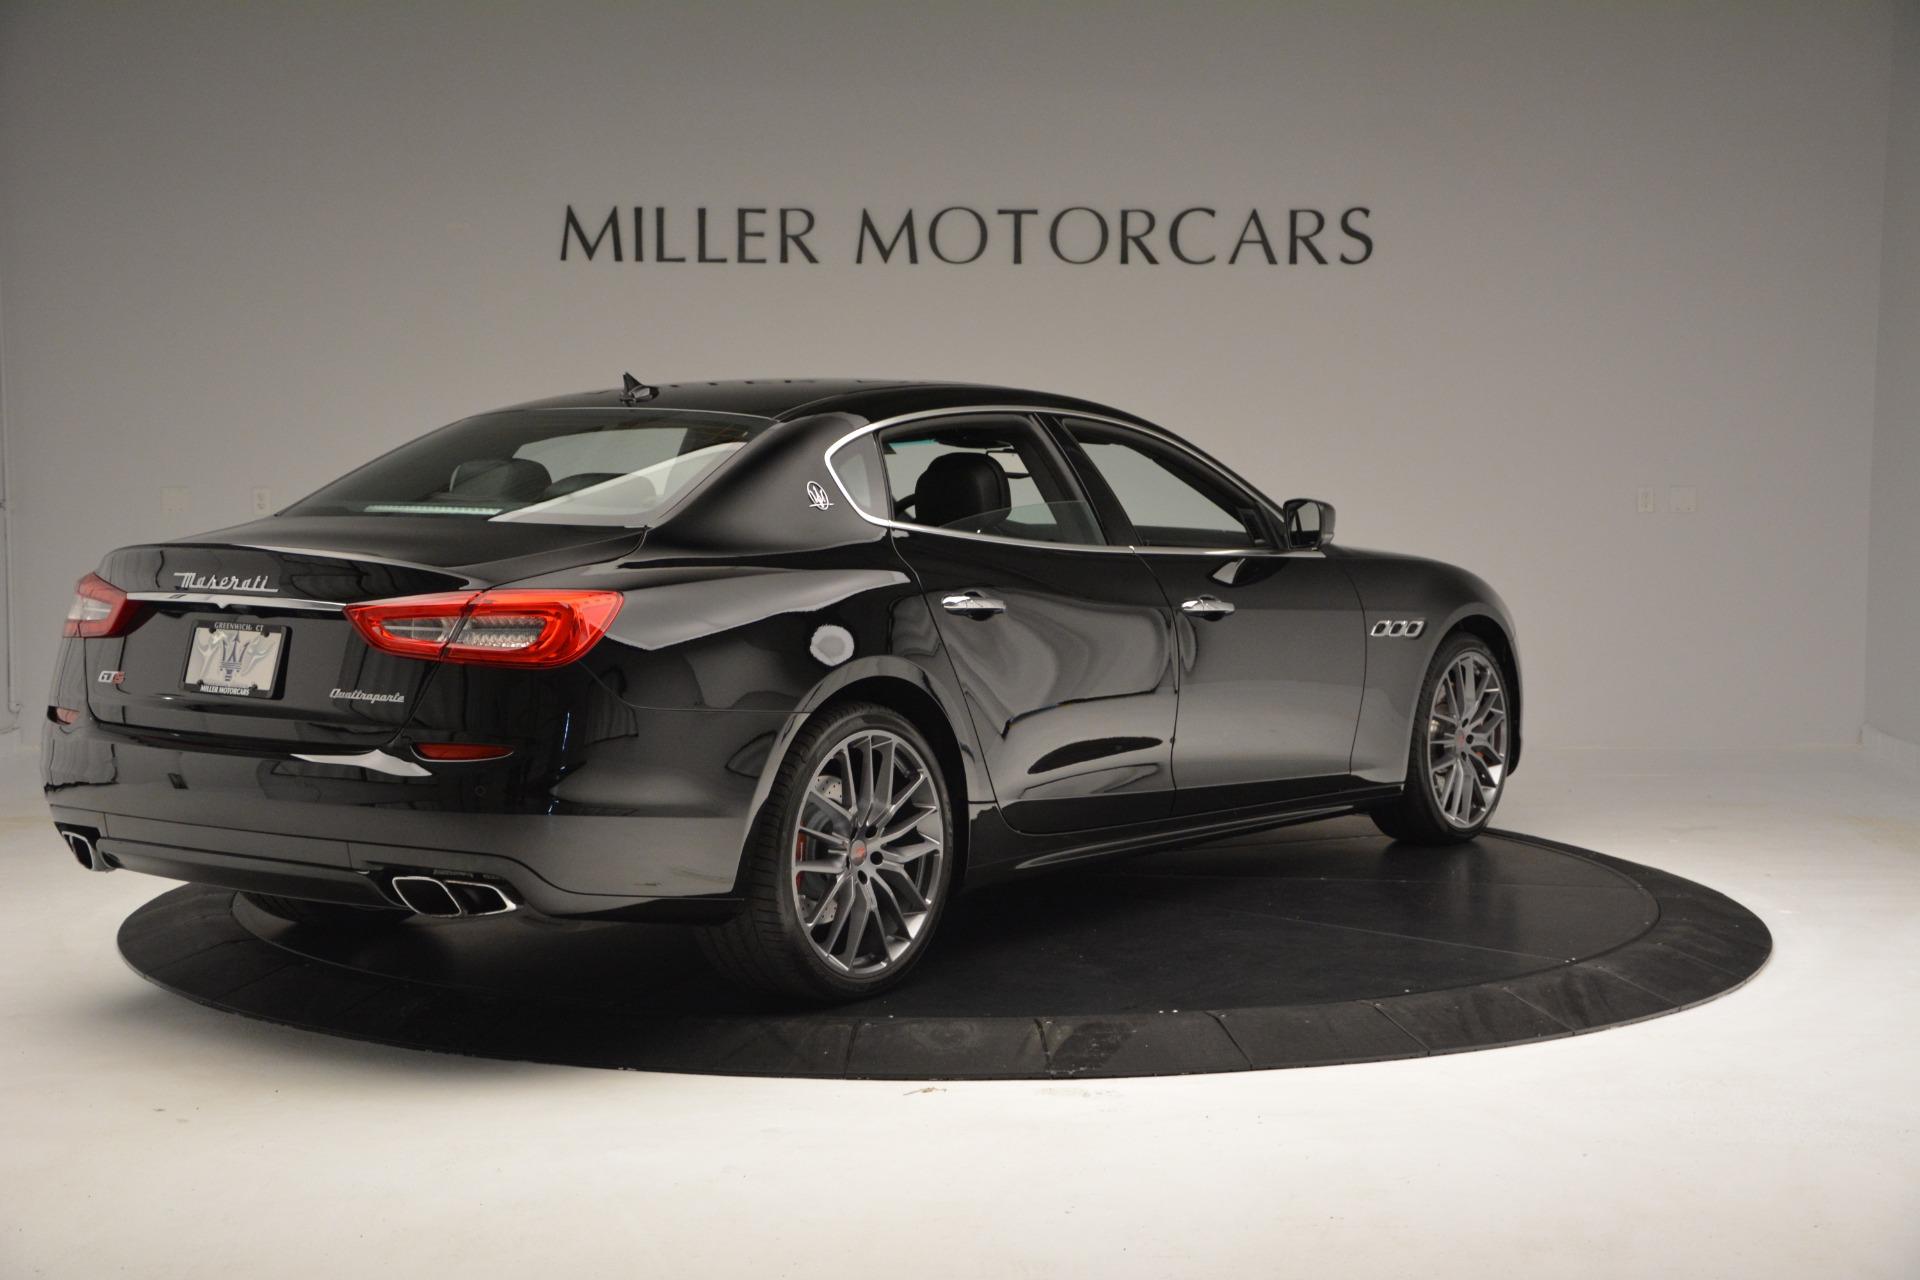 Used 2015 Maserati Quattroporte GTS For Sale In Greenwich, CT 2993_p7